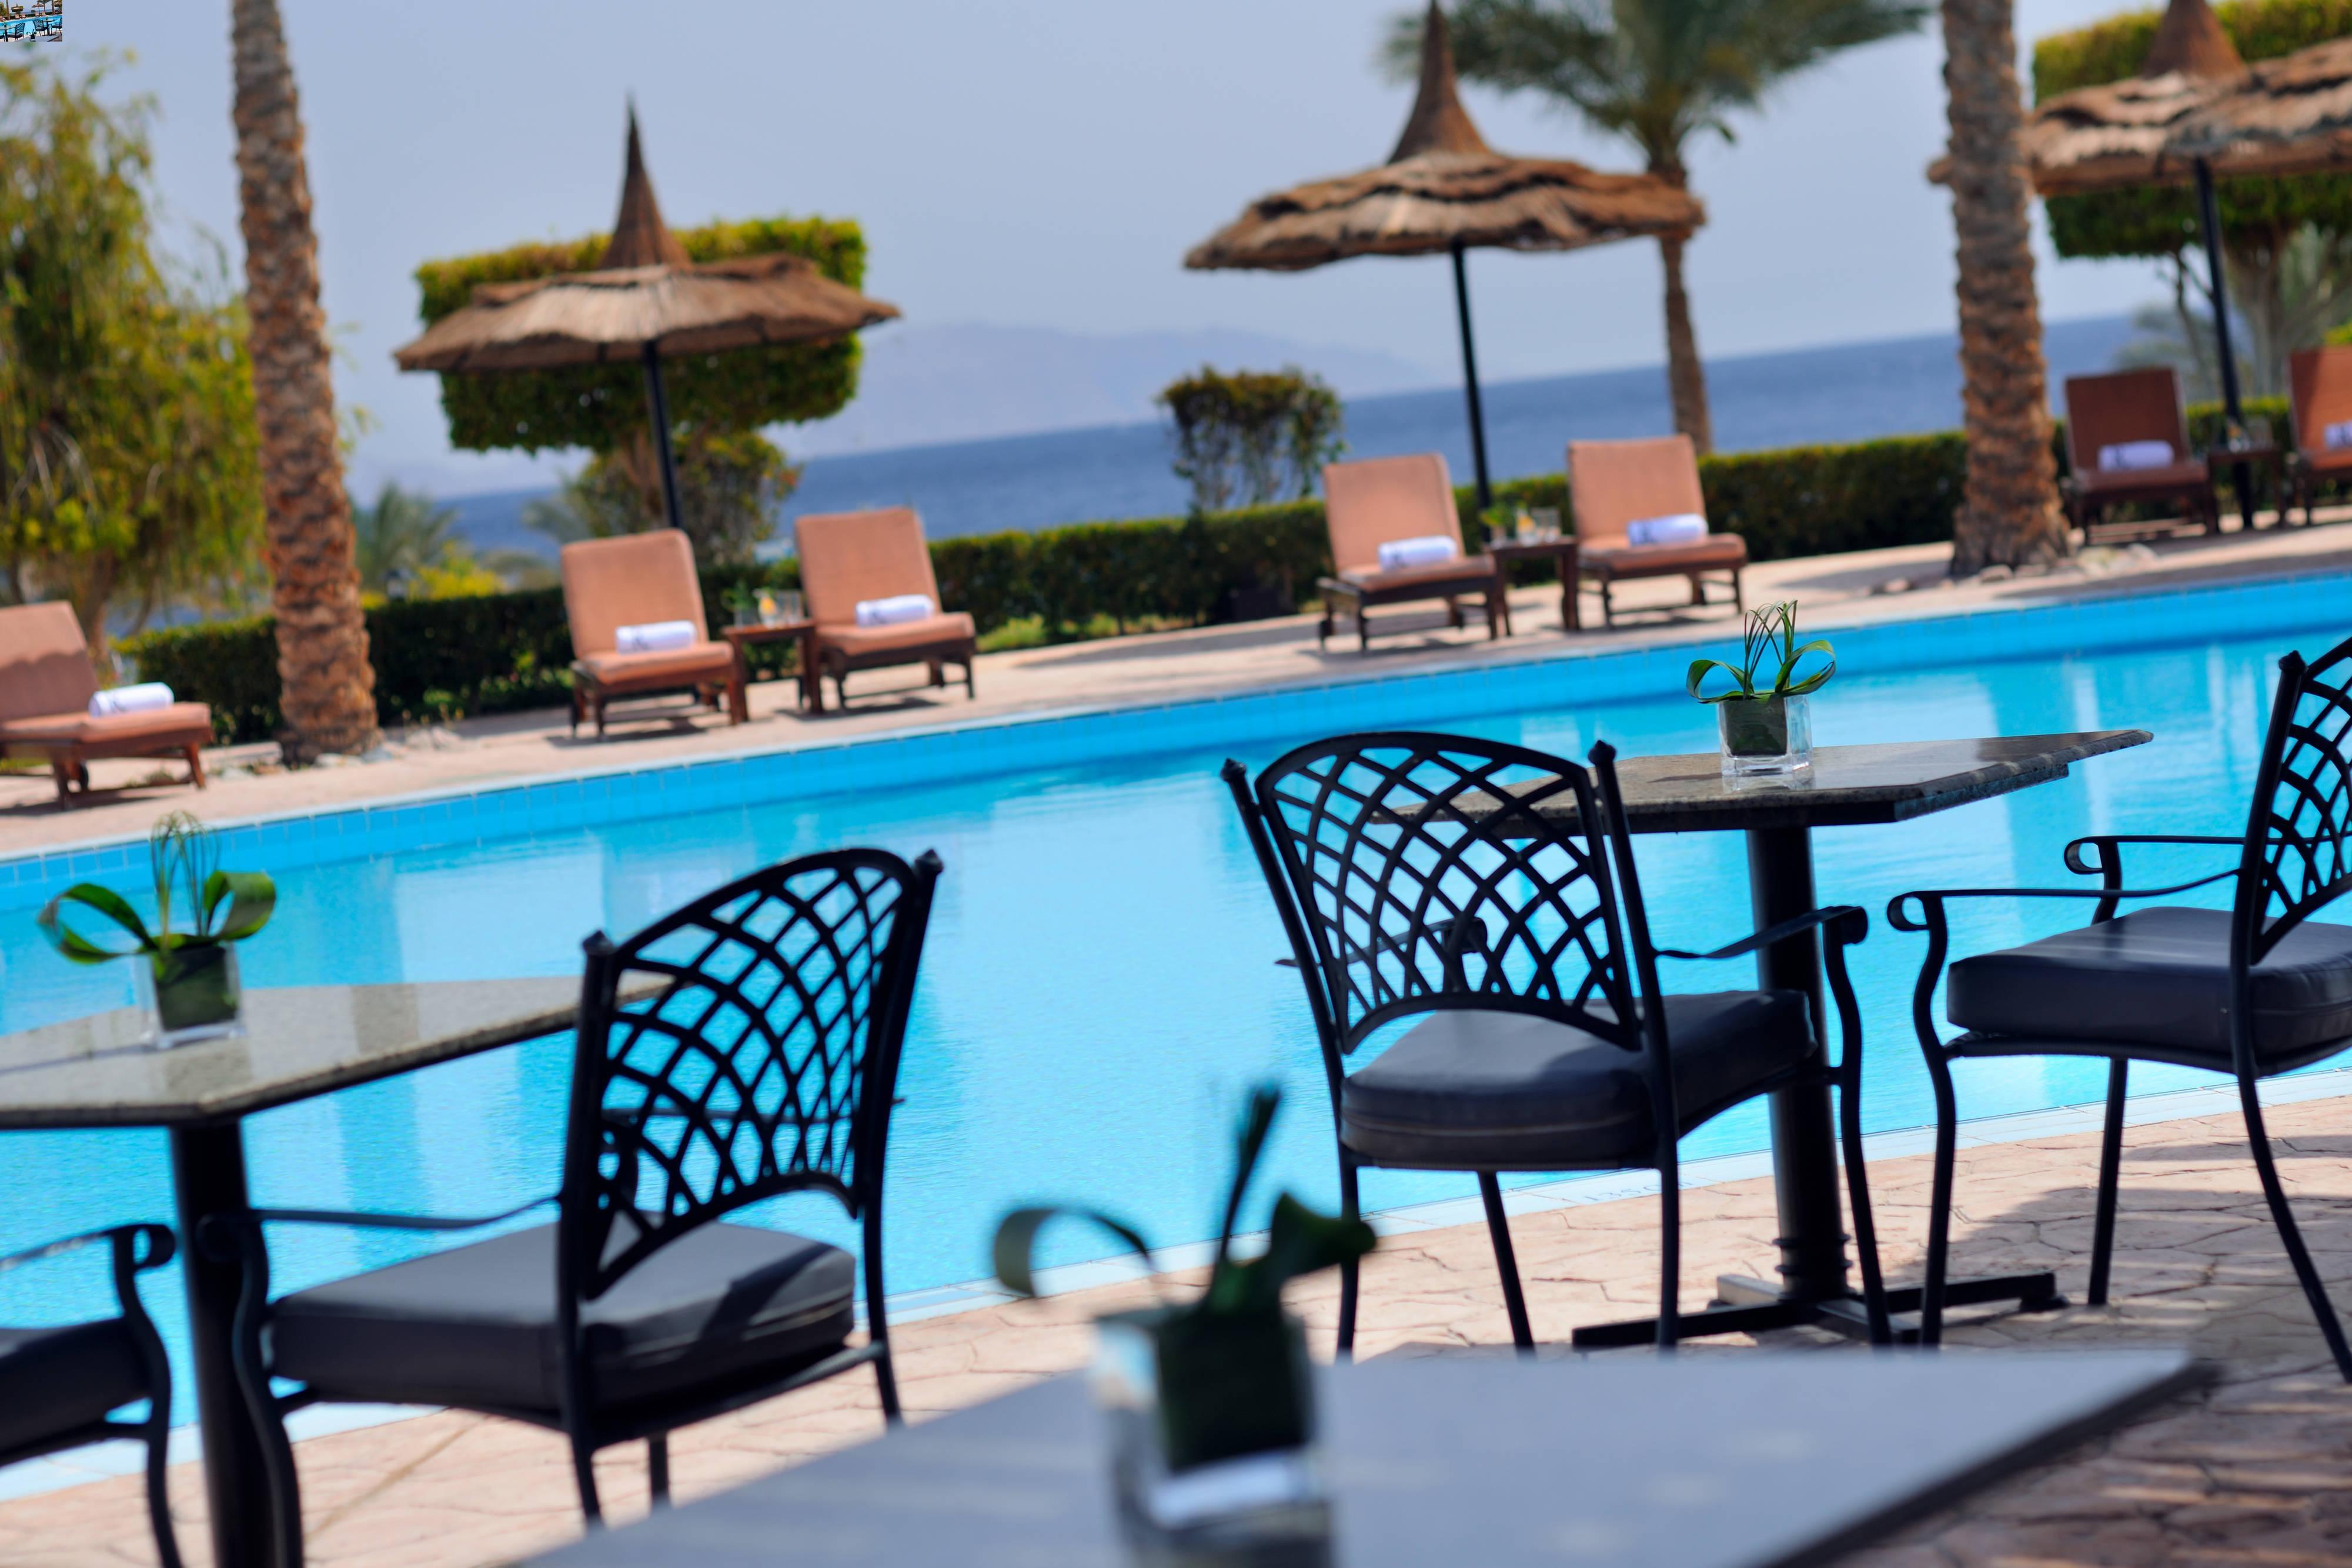 Renaissance Sharm El Sheikh Resort Pool Bar